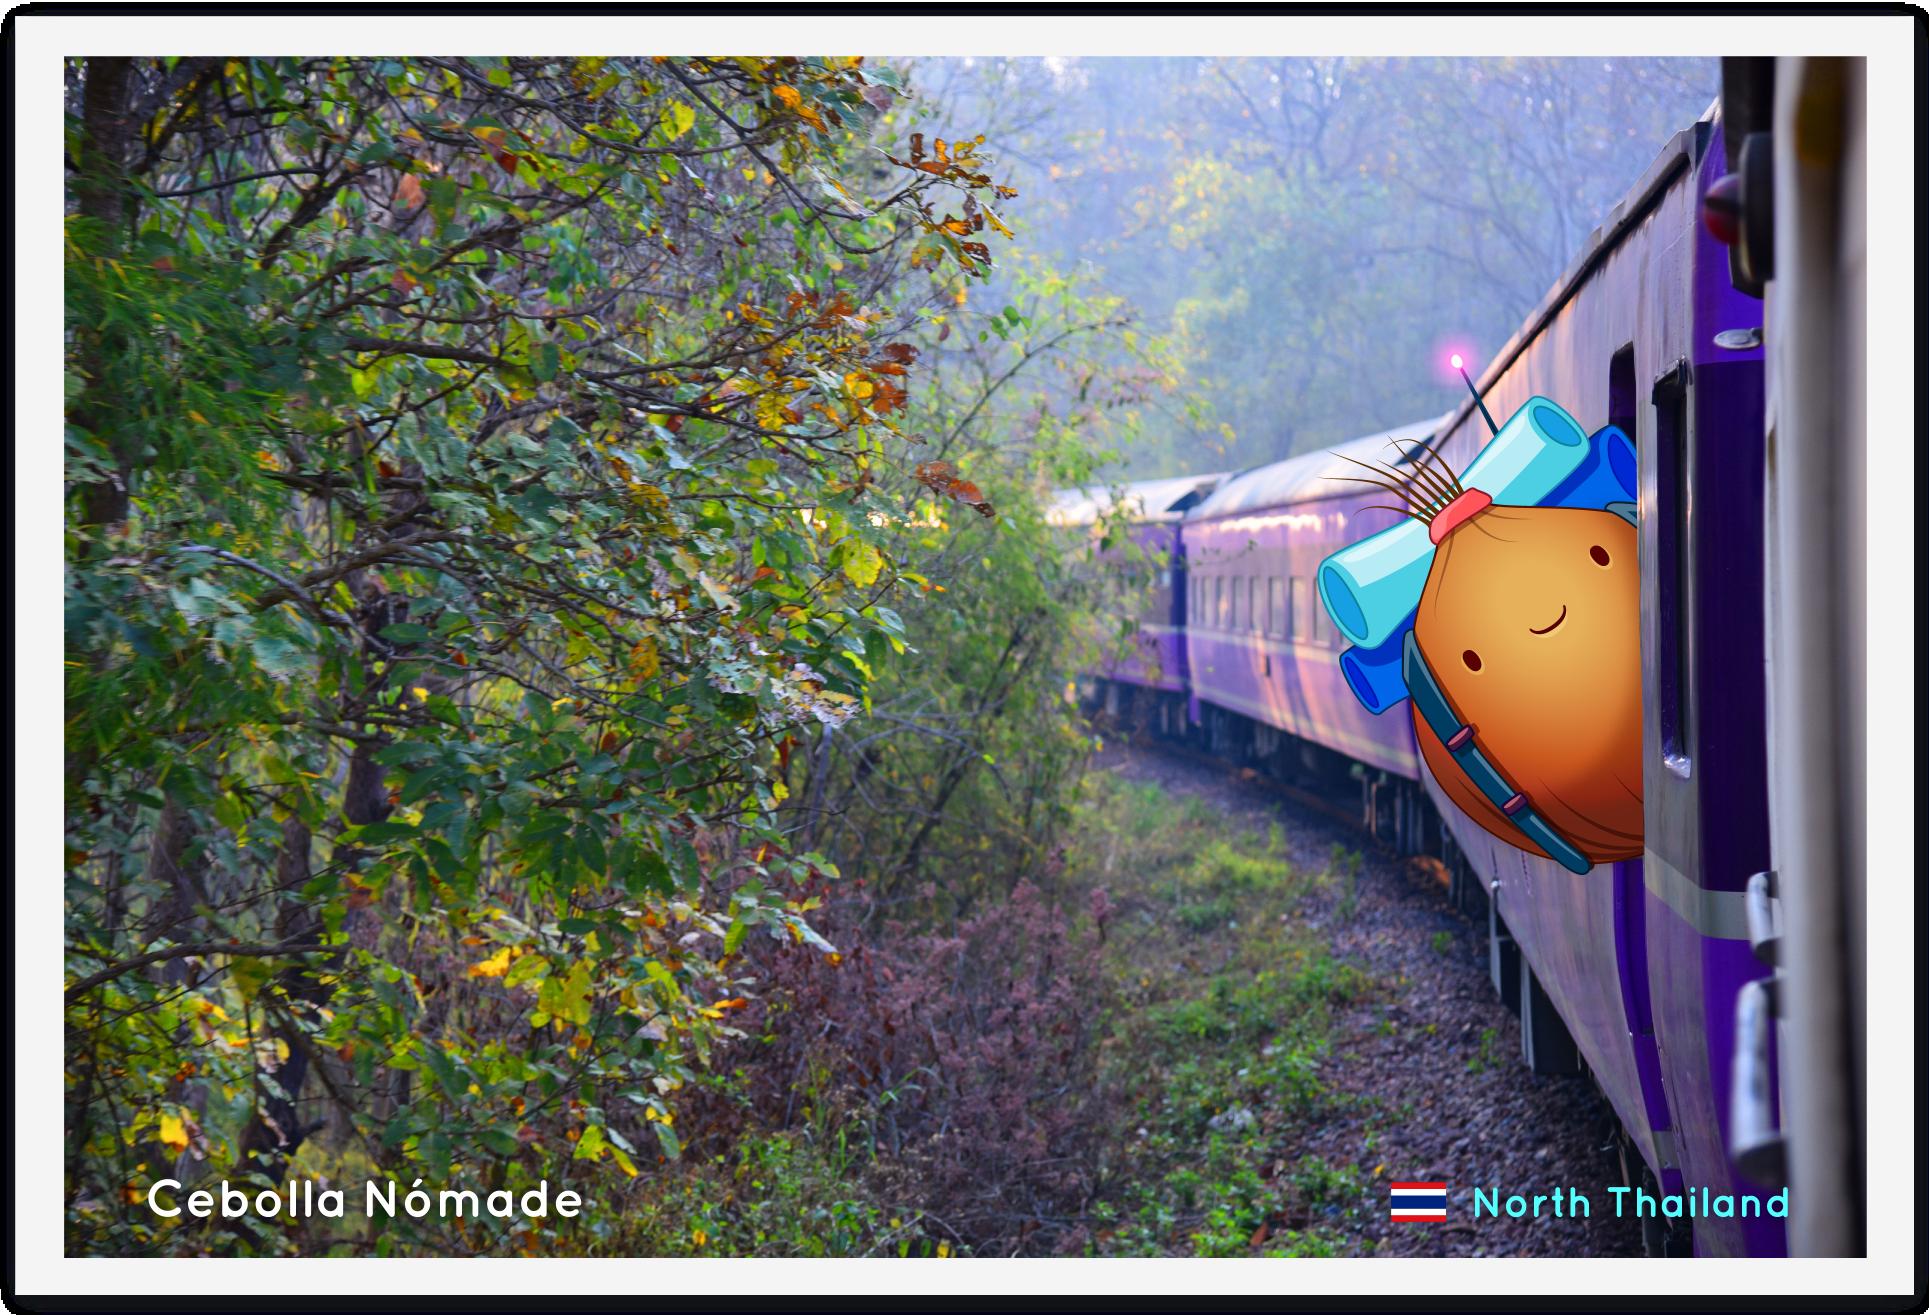 north-thailand_artboard-4-copy